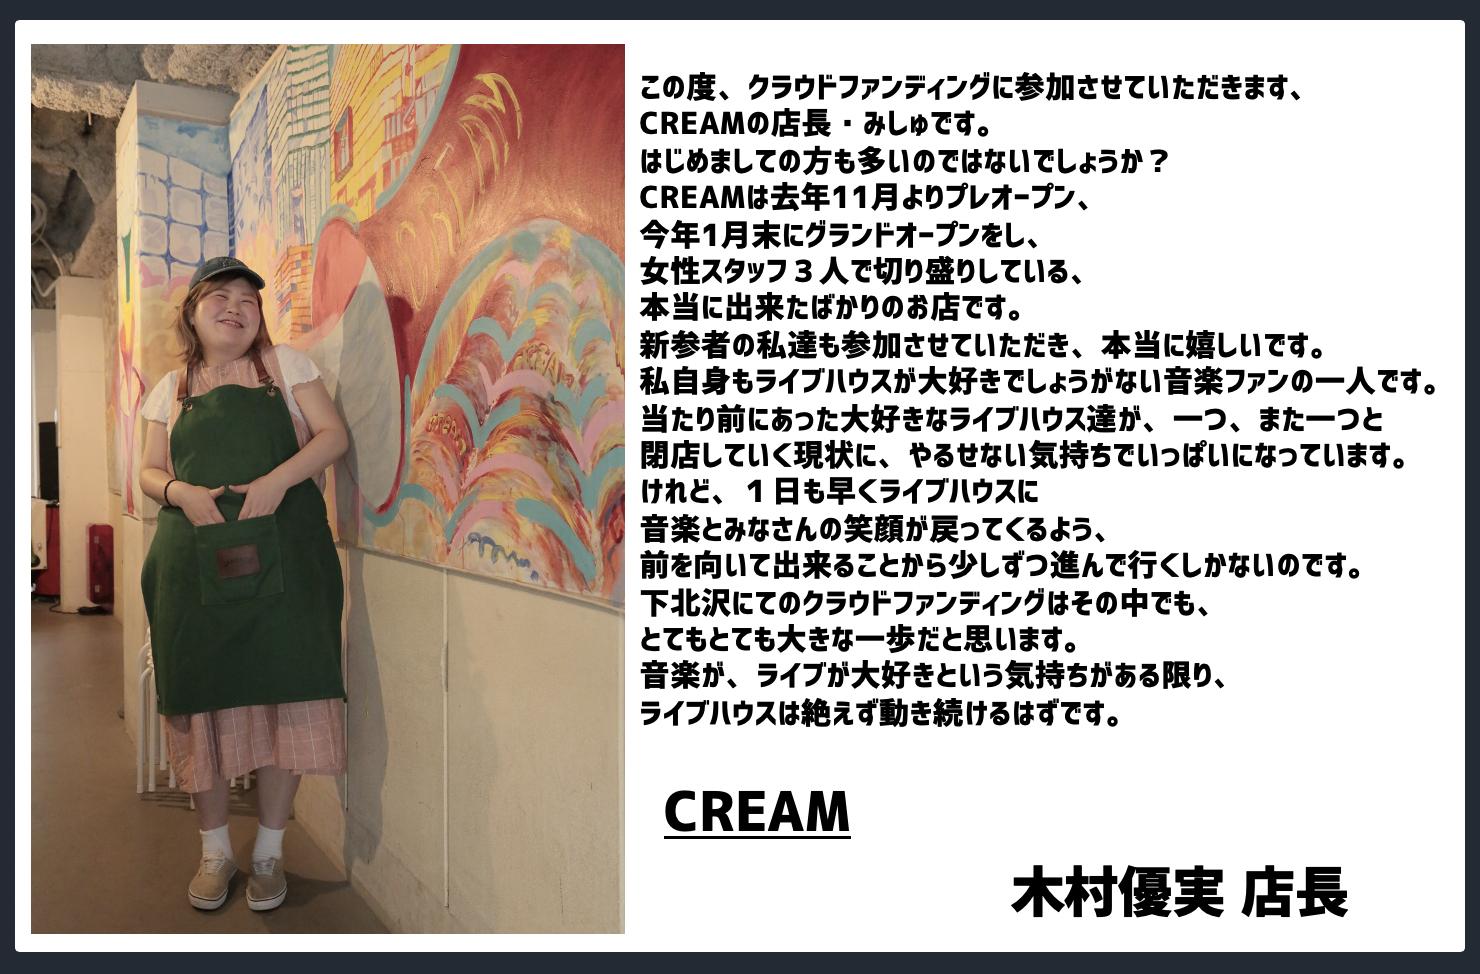 スクリーンショット_2020-05-29_20.20.50.png